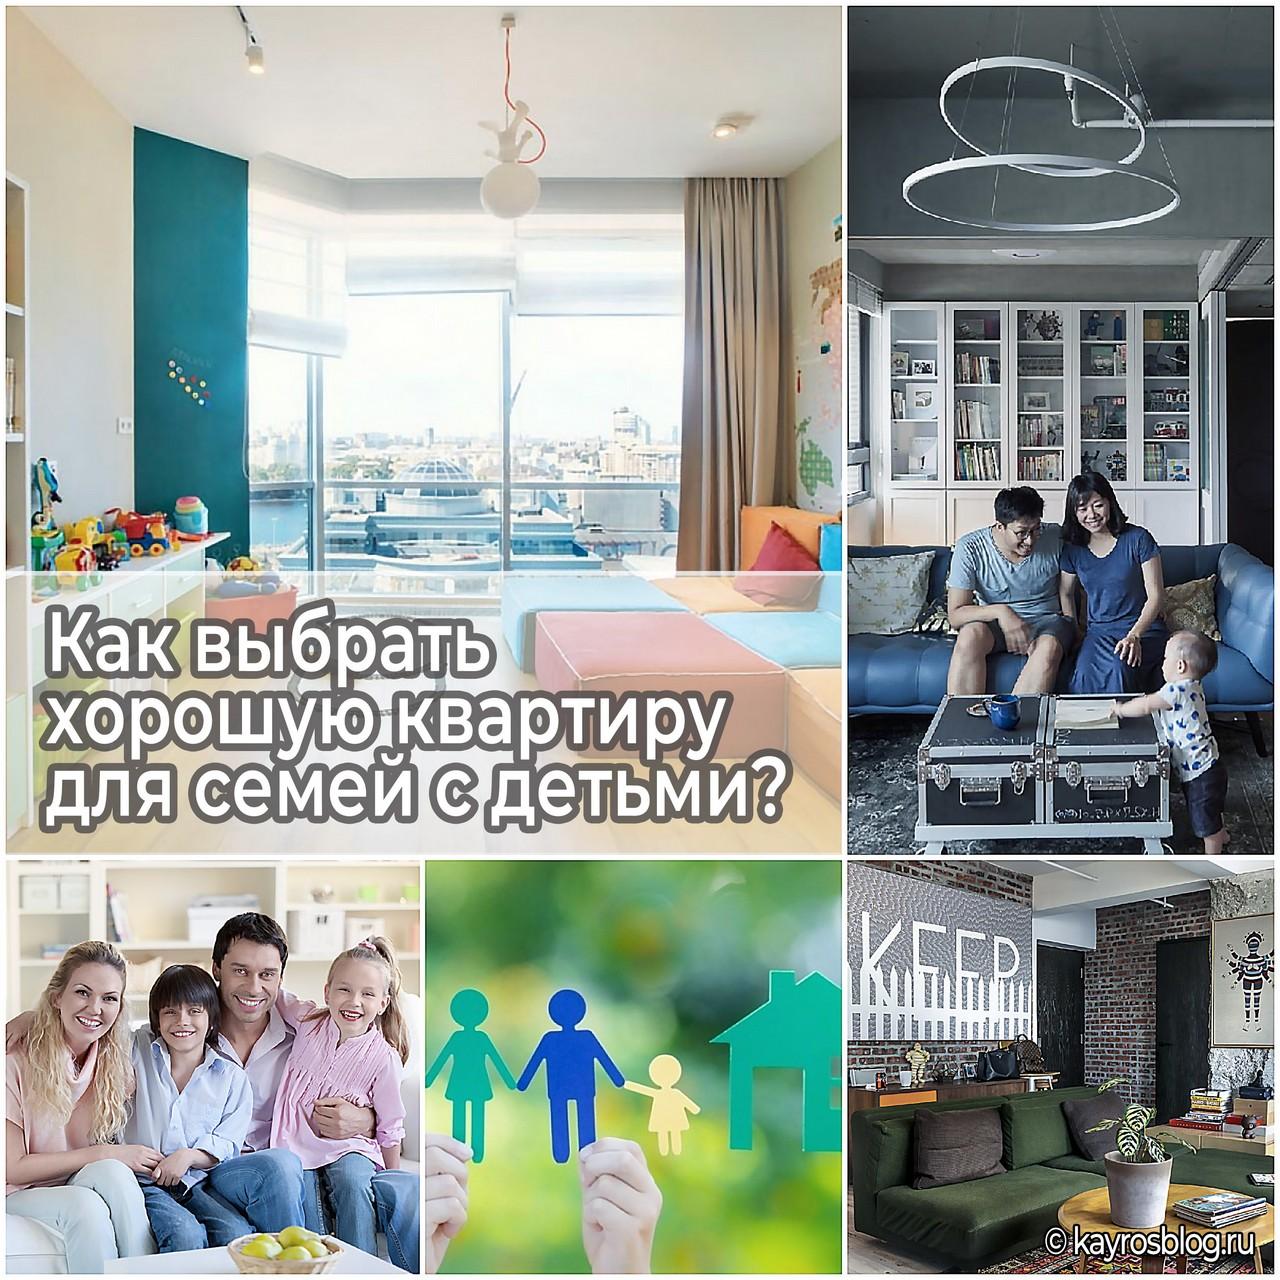 Как выбрать хорошую квартиру для семей с детьми?